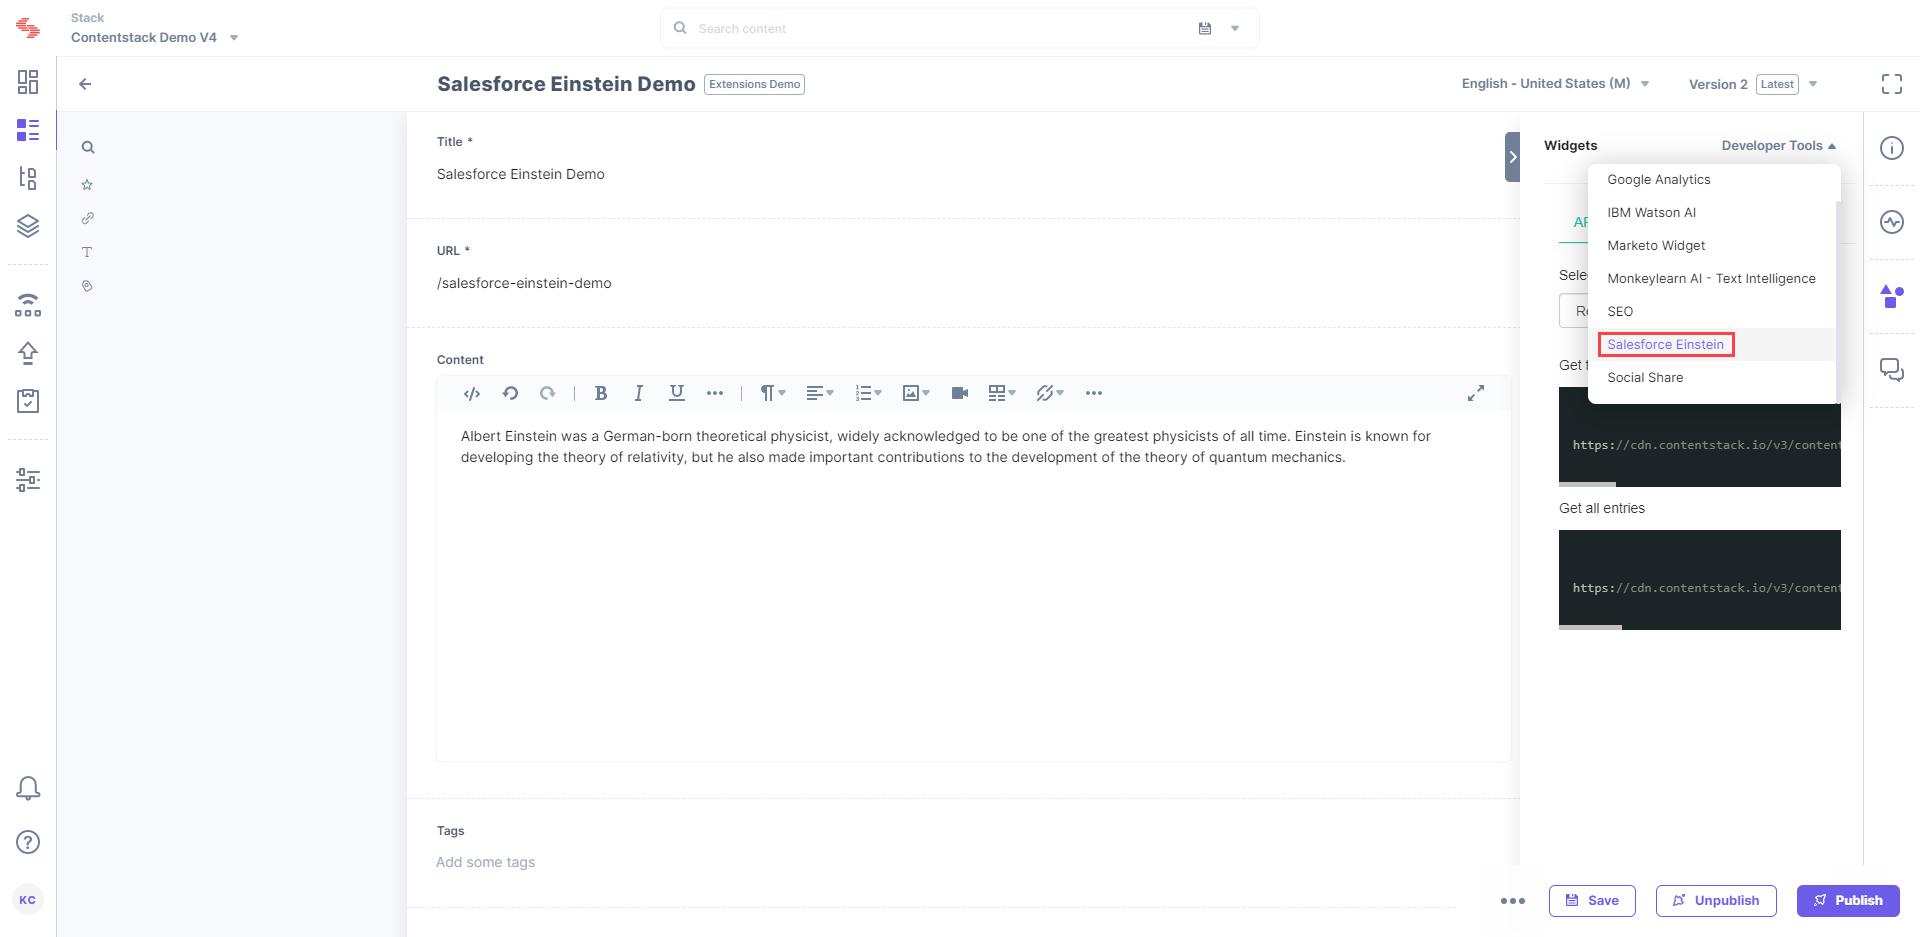 Salesforce_Einstein_3_highlighted.png